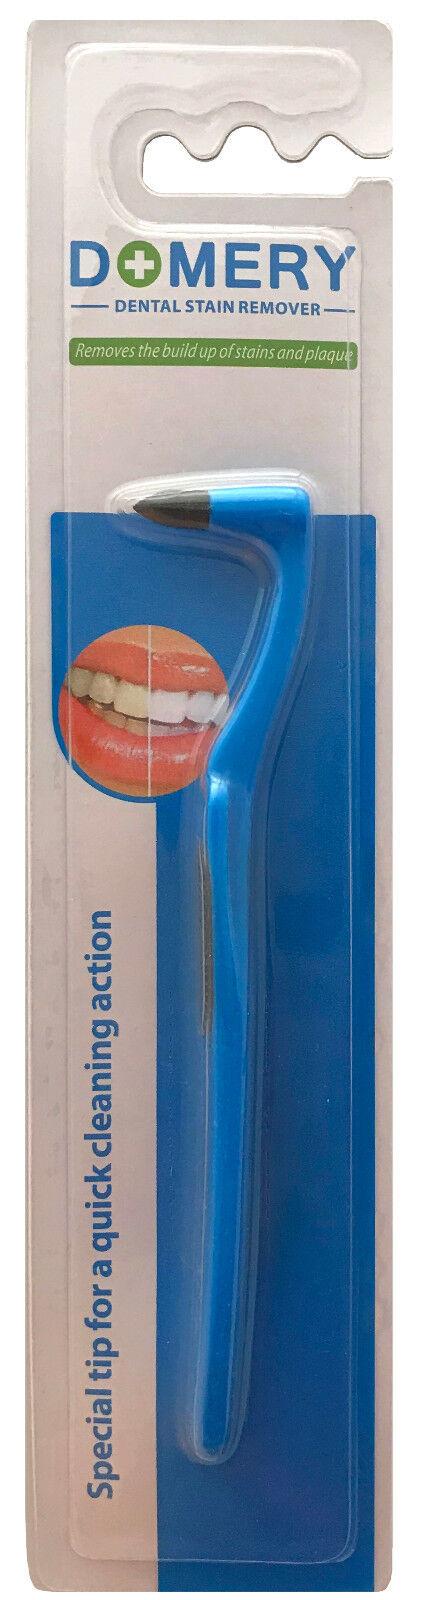 Zahnsteinkratzer Zahnkratzer Zahnsteinentferner Zahnpflege Zahnreinigung Domery